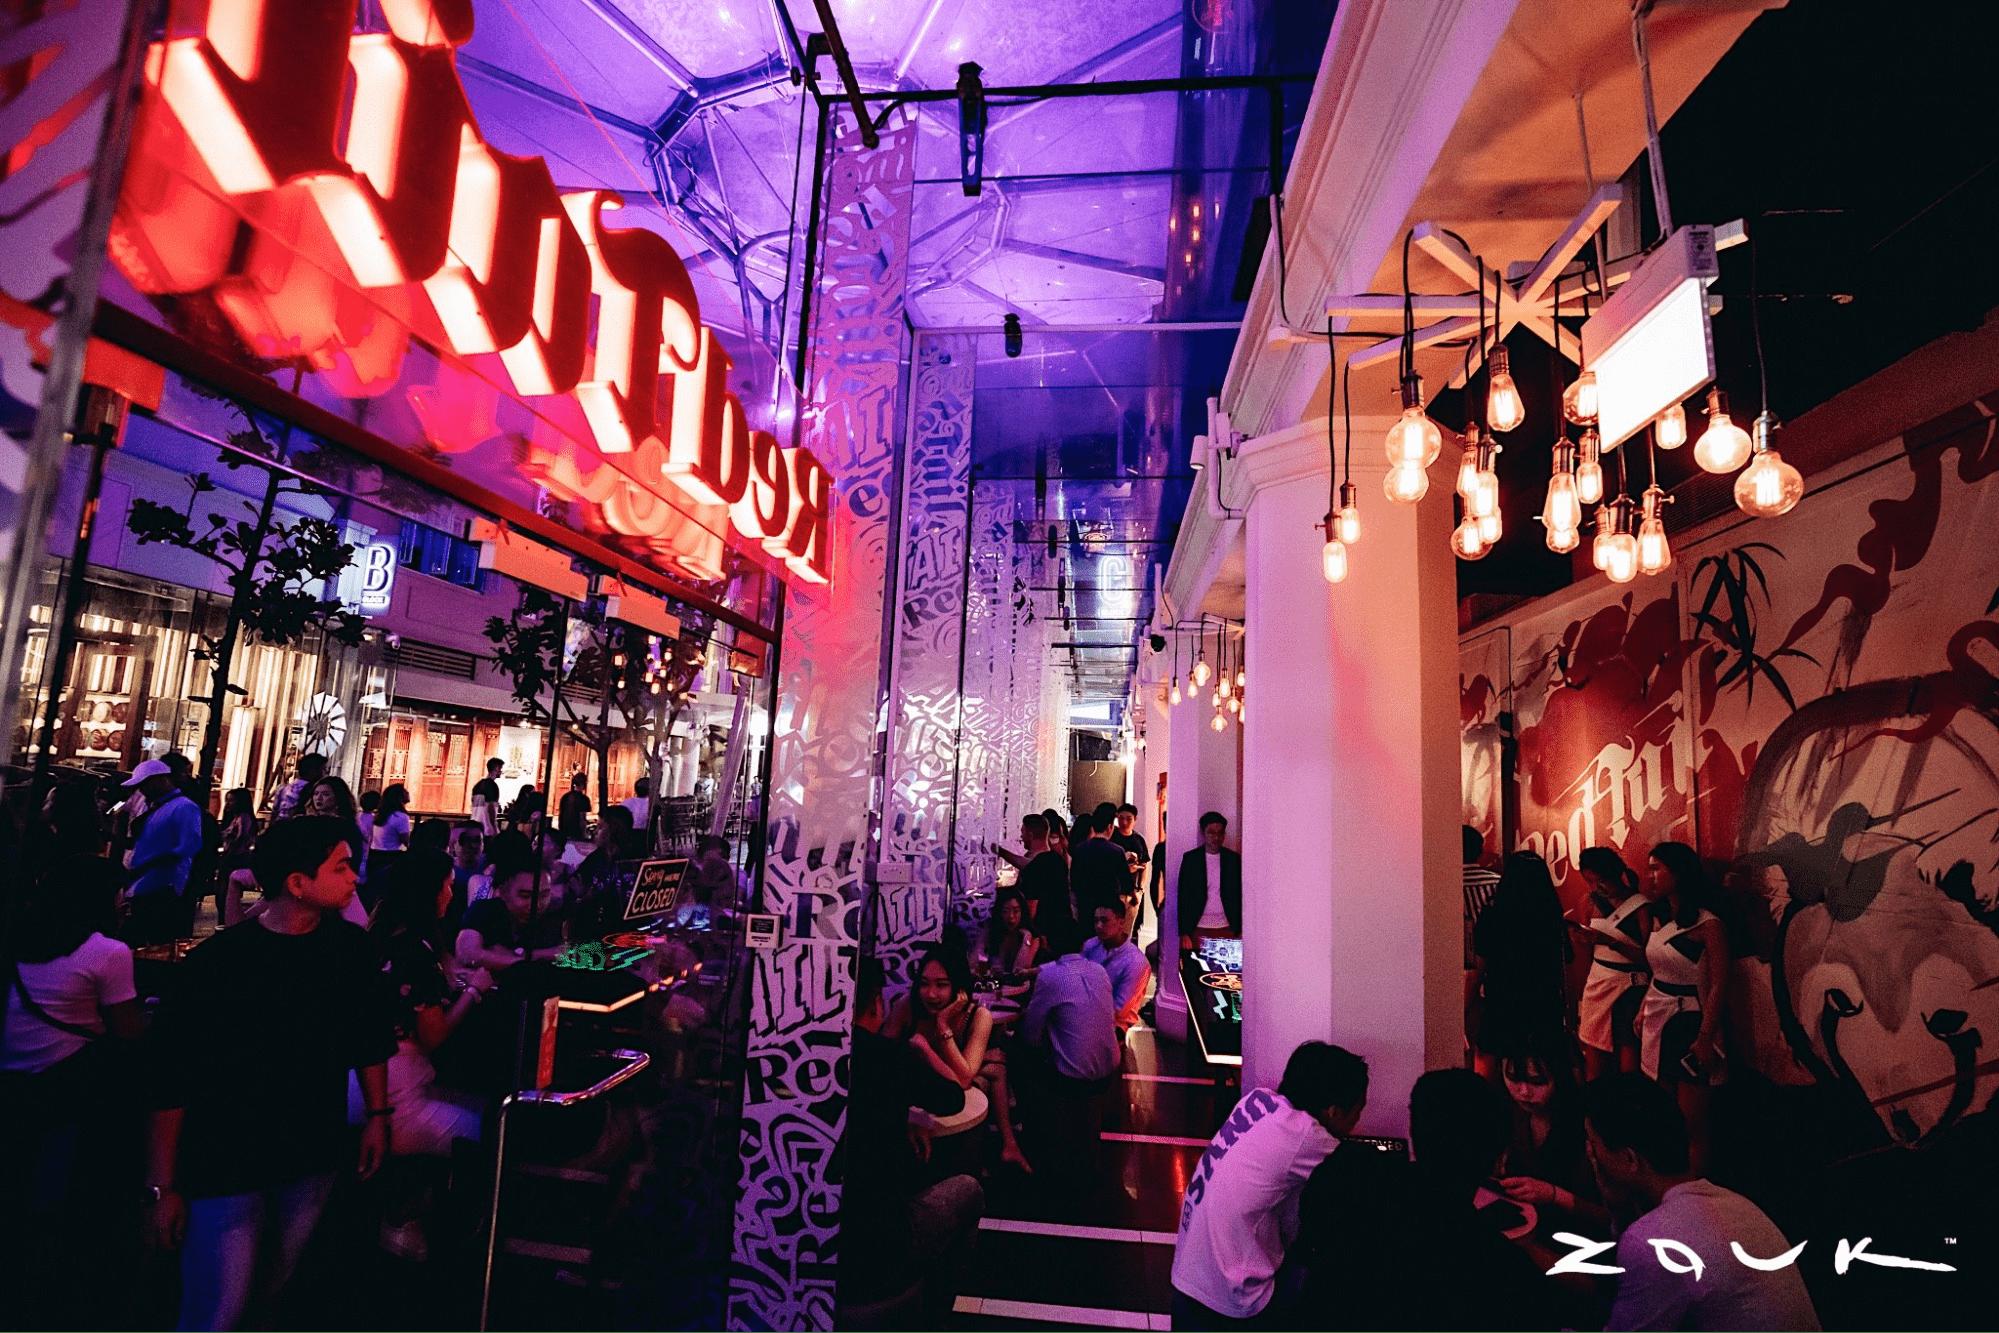 RedTail Bar